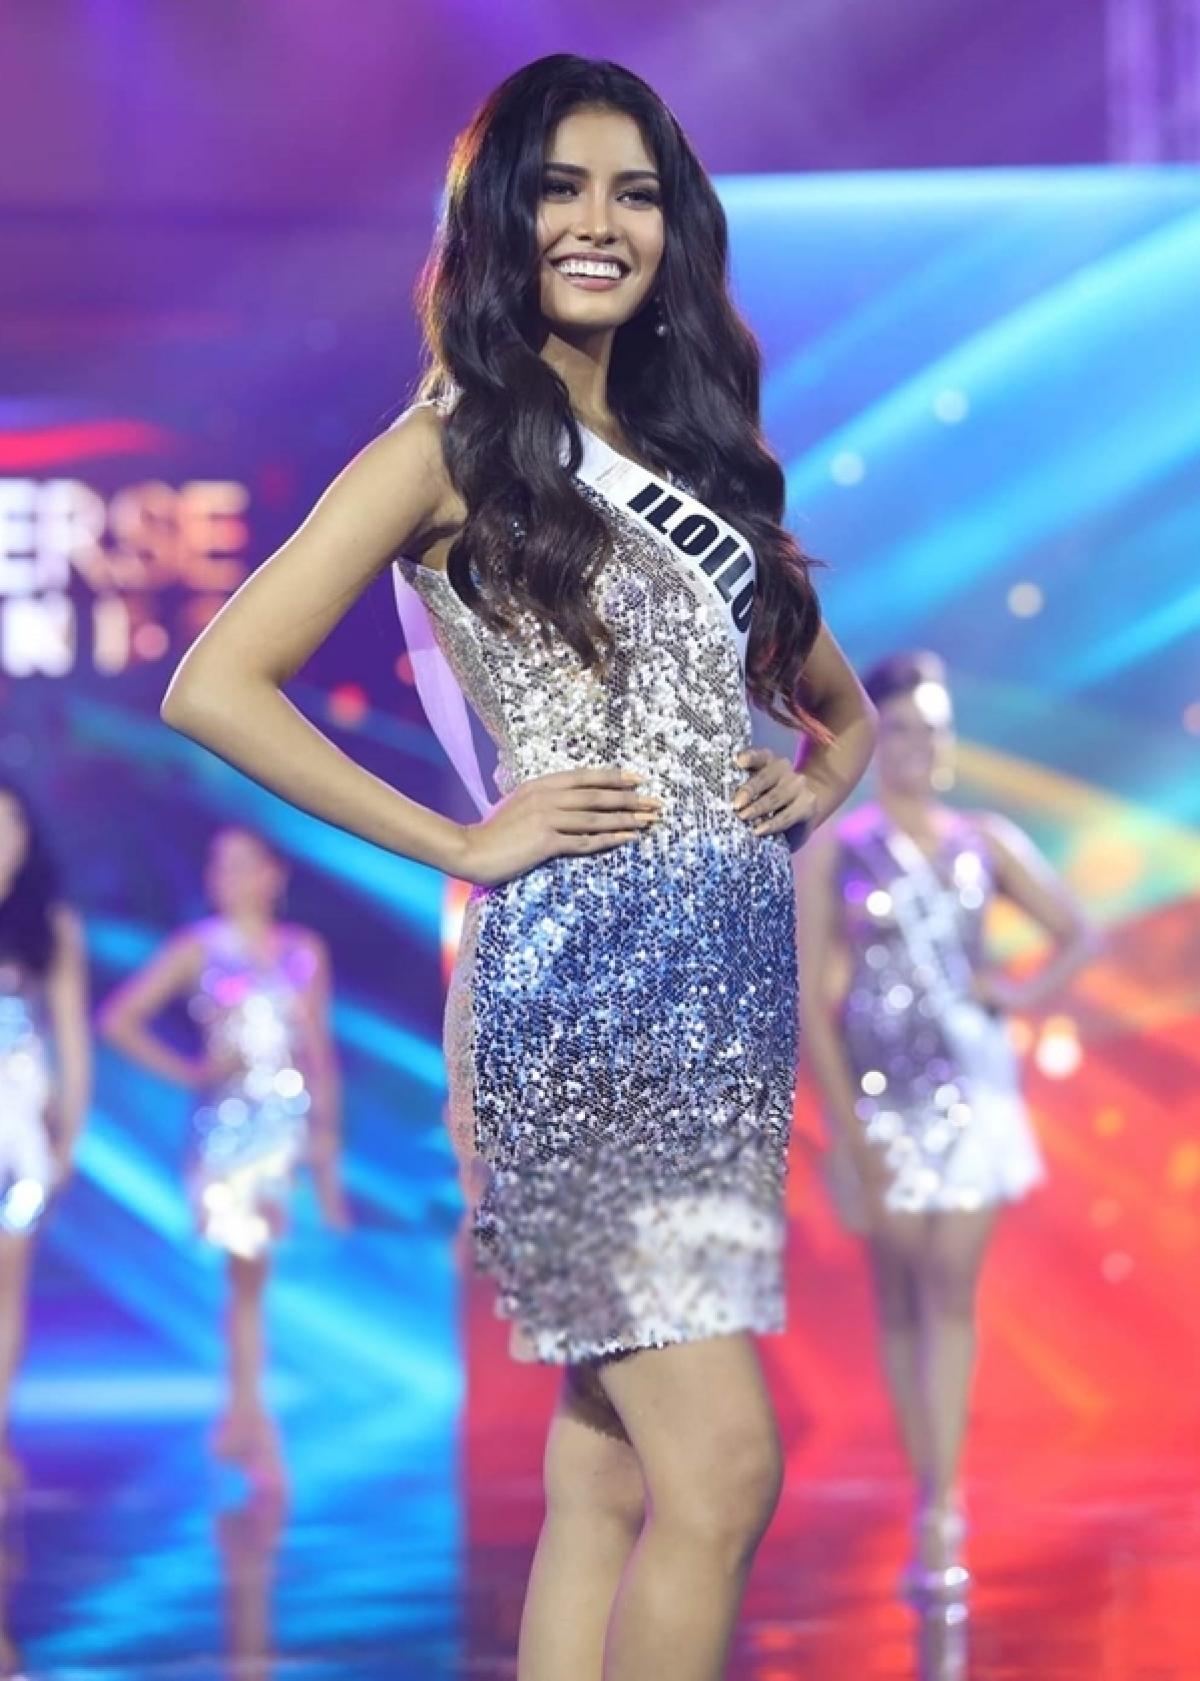 Tân hoa hậu gây chú ý ngay từ đầu cuộc thi nhờ gương mặt cân đối, xinh đẹp và nhan sắclai giữa hai dòng máu Philippines và Ấn Độ.